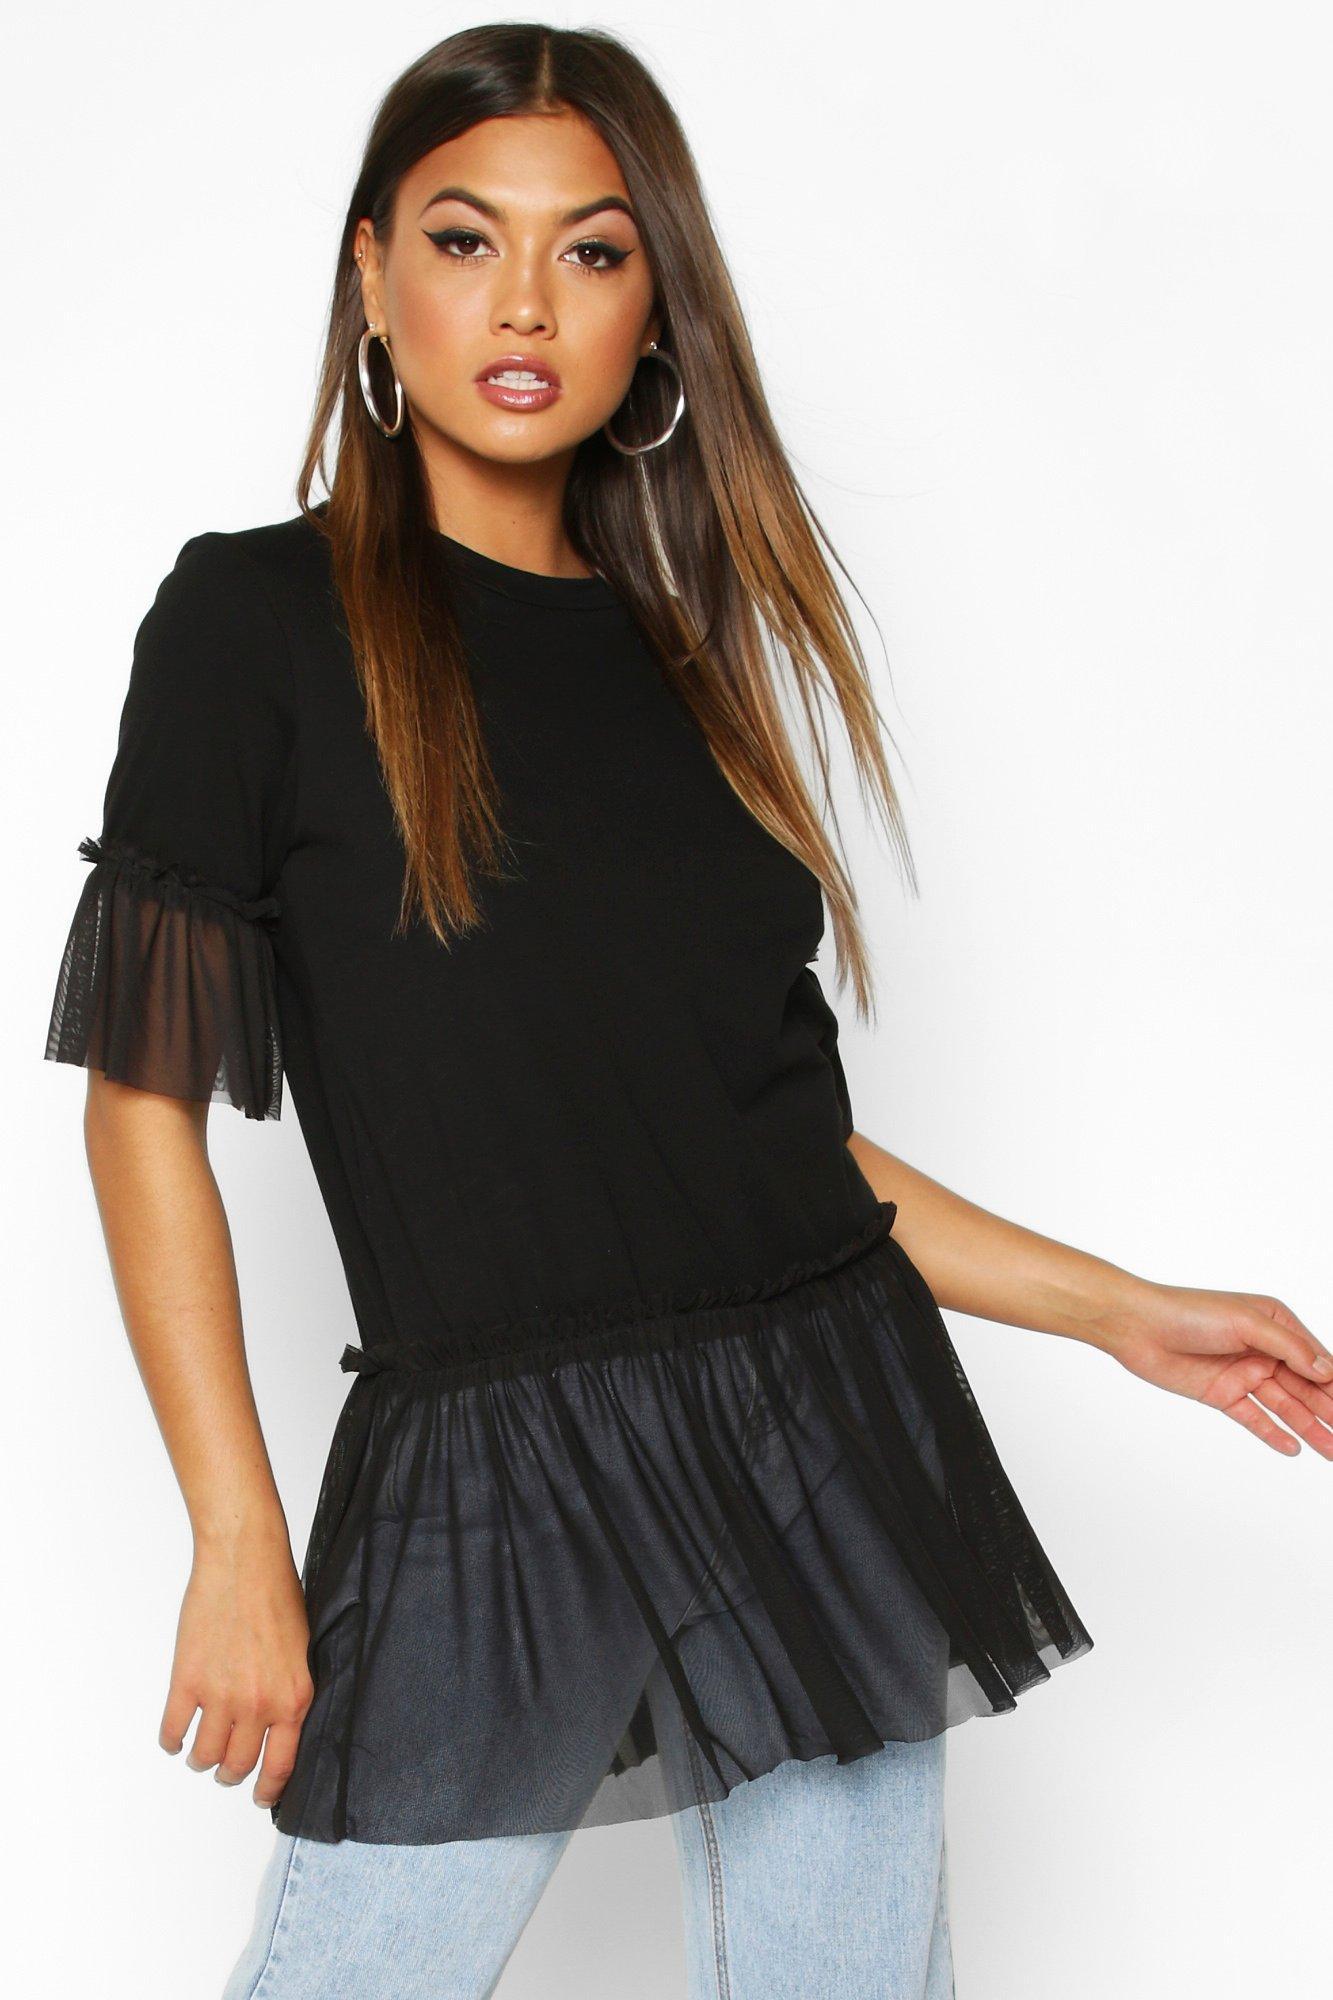 Womens T-Shirt mit Mesh-Schößchen und Rüschenärmeln - schwarz - S, Schwarz - Boohoo.com